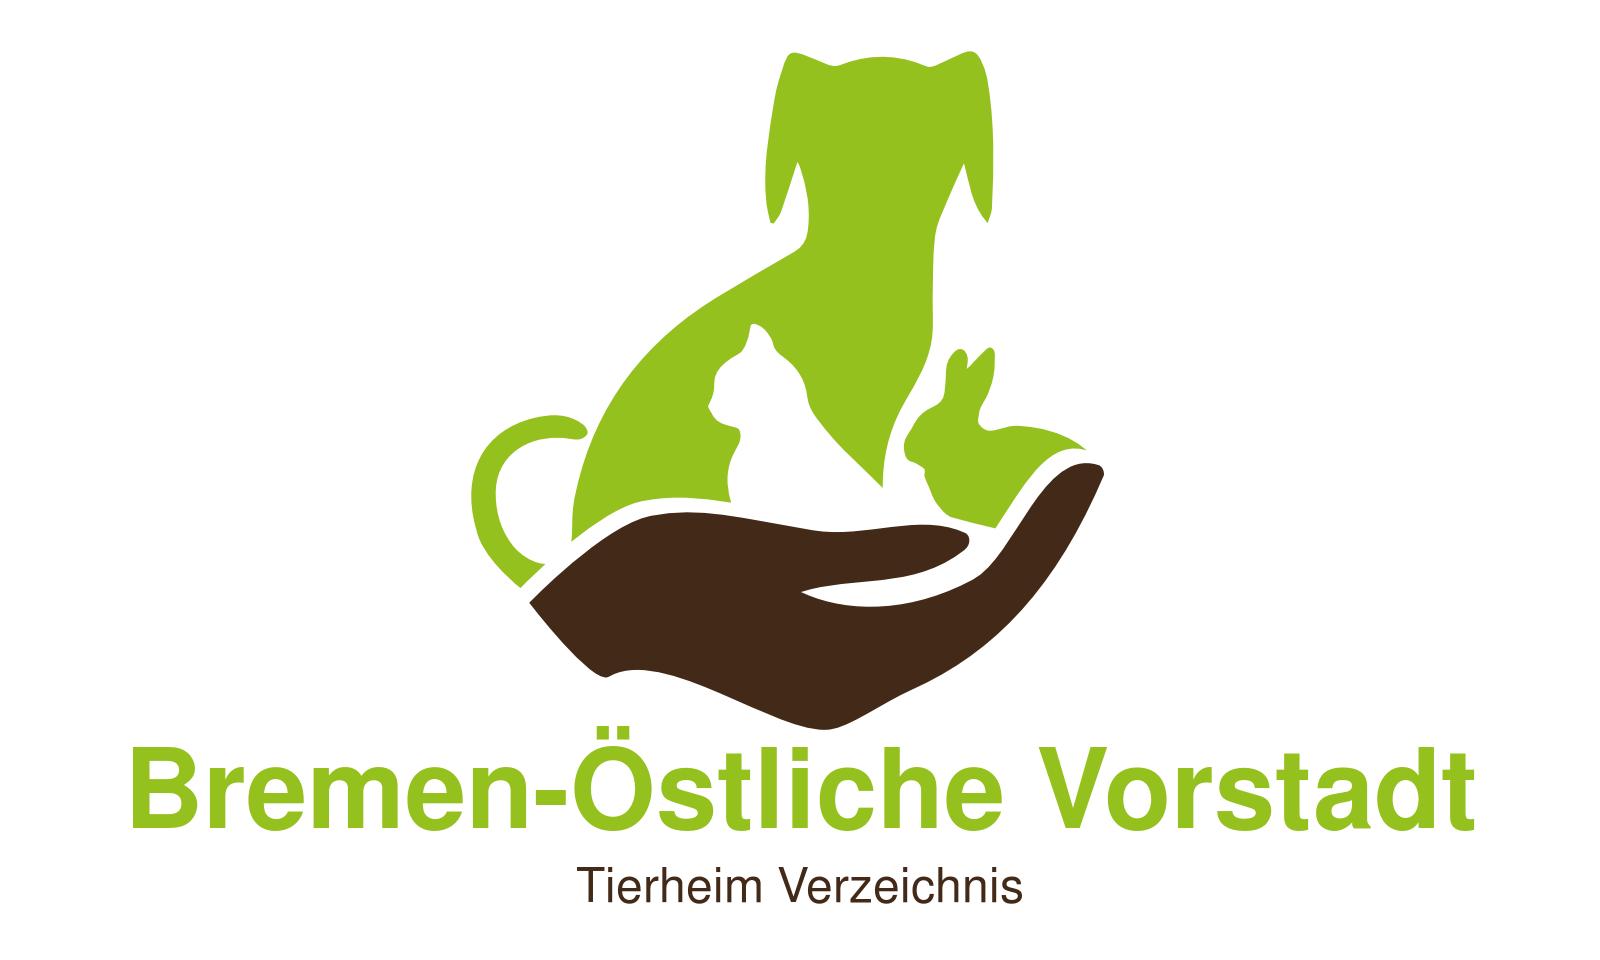 Tierheim Bremen Östliche Vorstadt